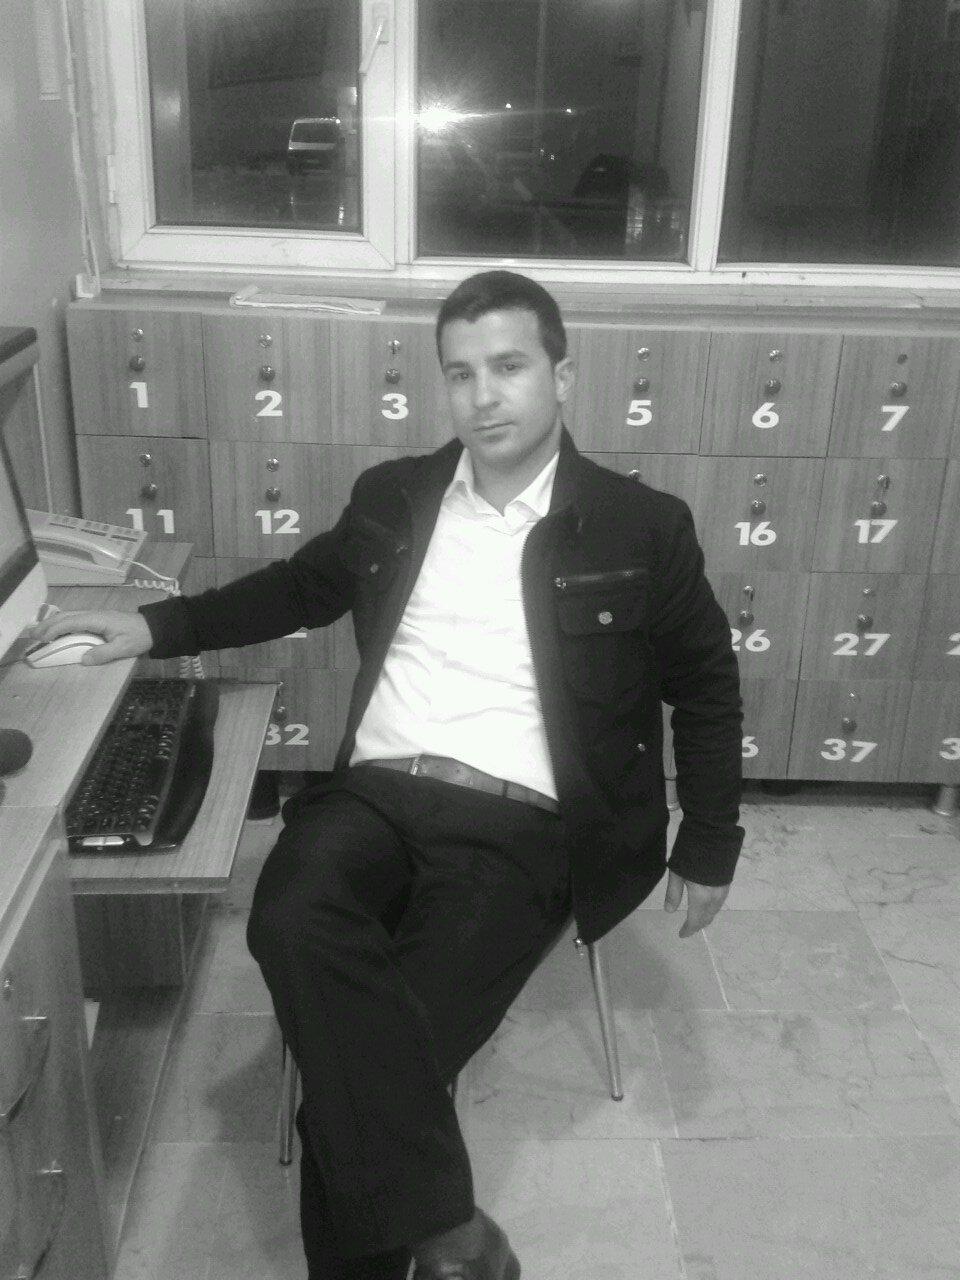 HASAN YAPICI on Twitter: